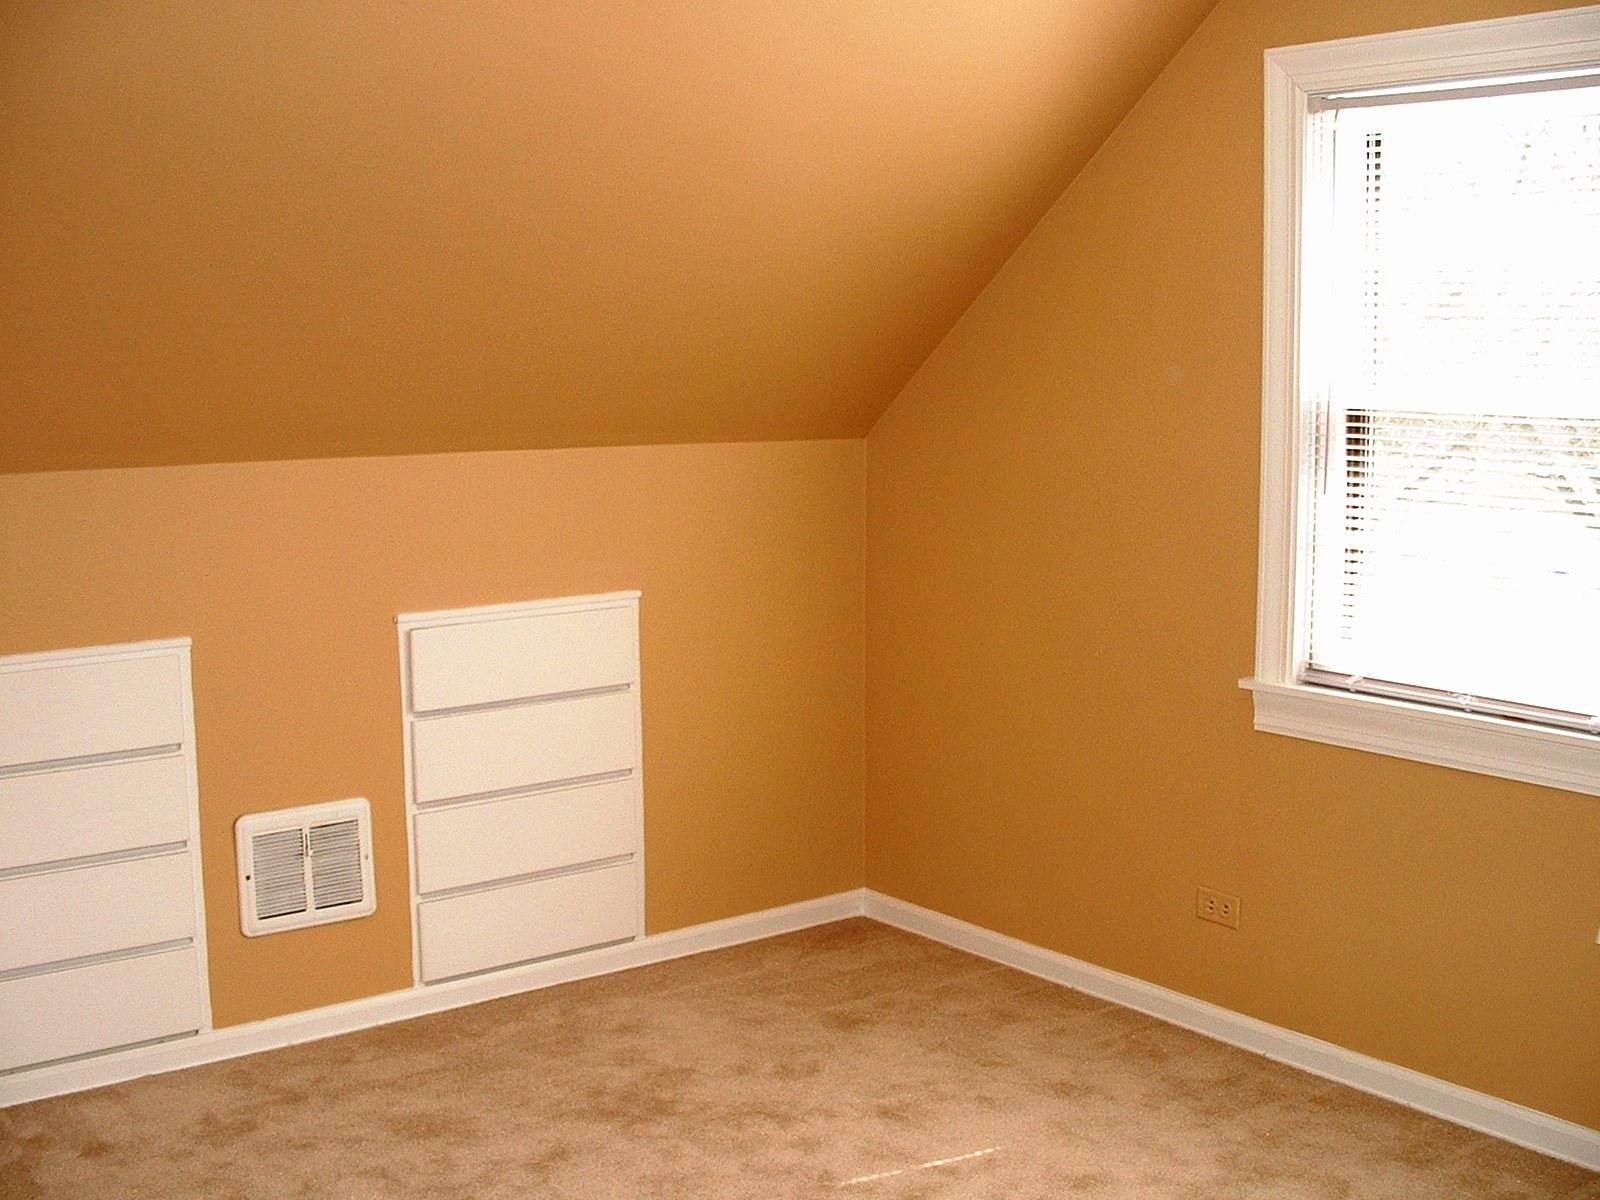 Pintura casa viva obras - Pintura para pared lavable ...